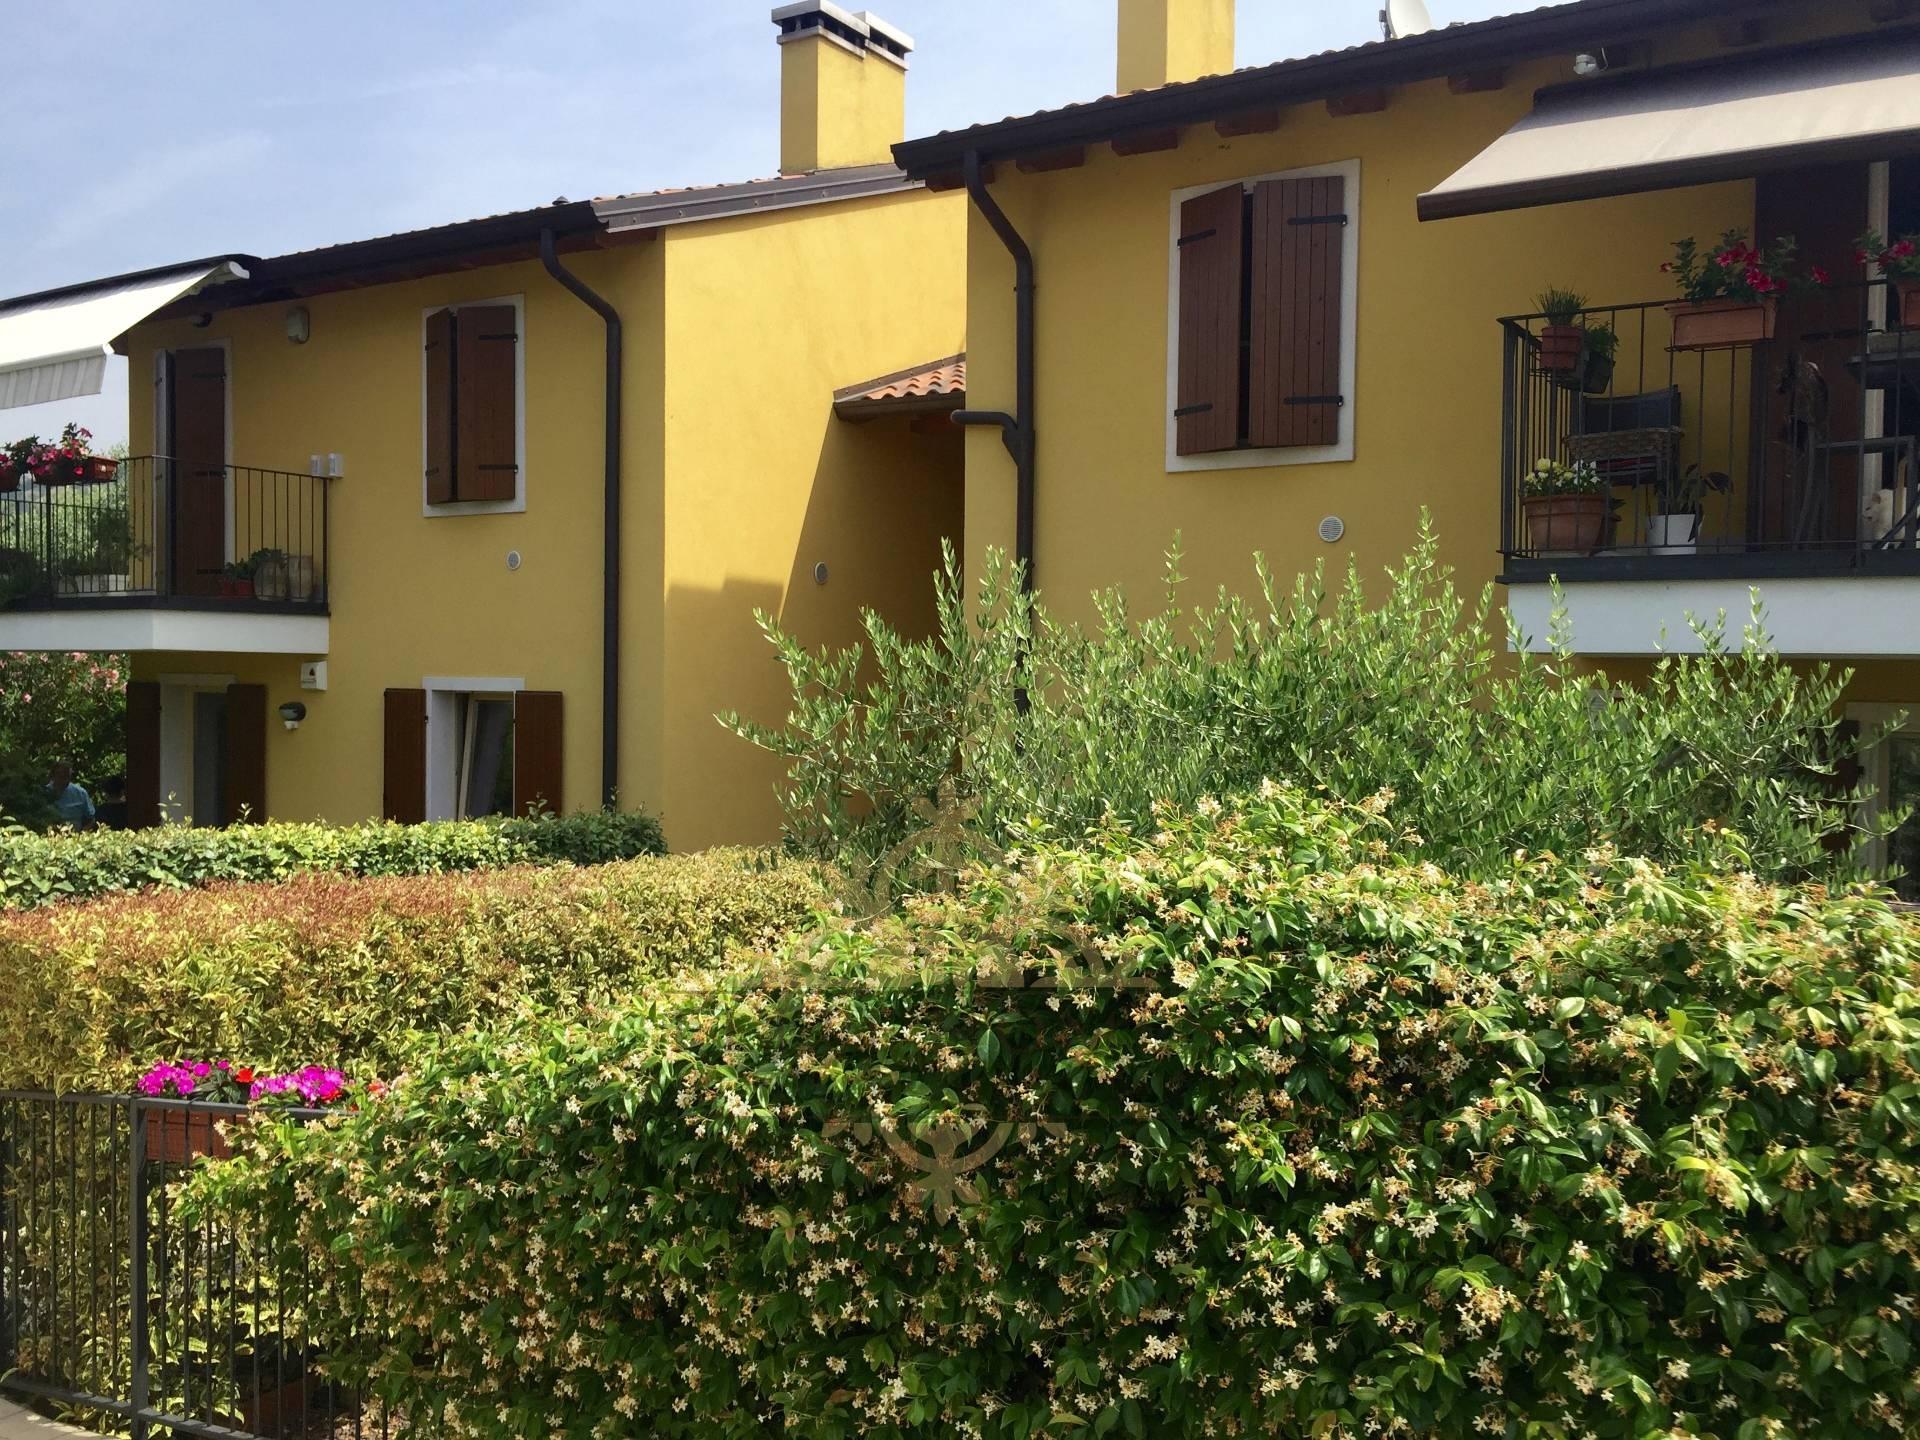 Appartamento in vendita a Cavaion Veronese, 4 locali, Trattative riservate | Cambio Casa.it